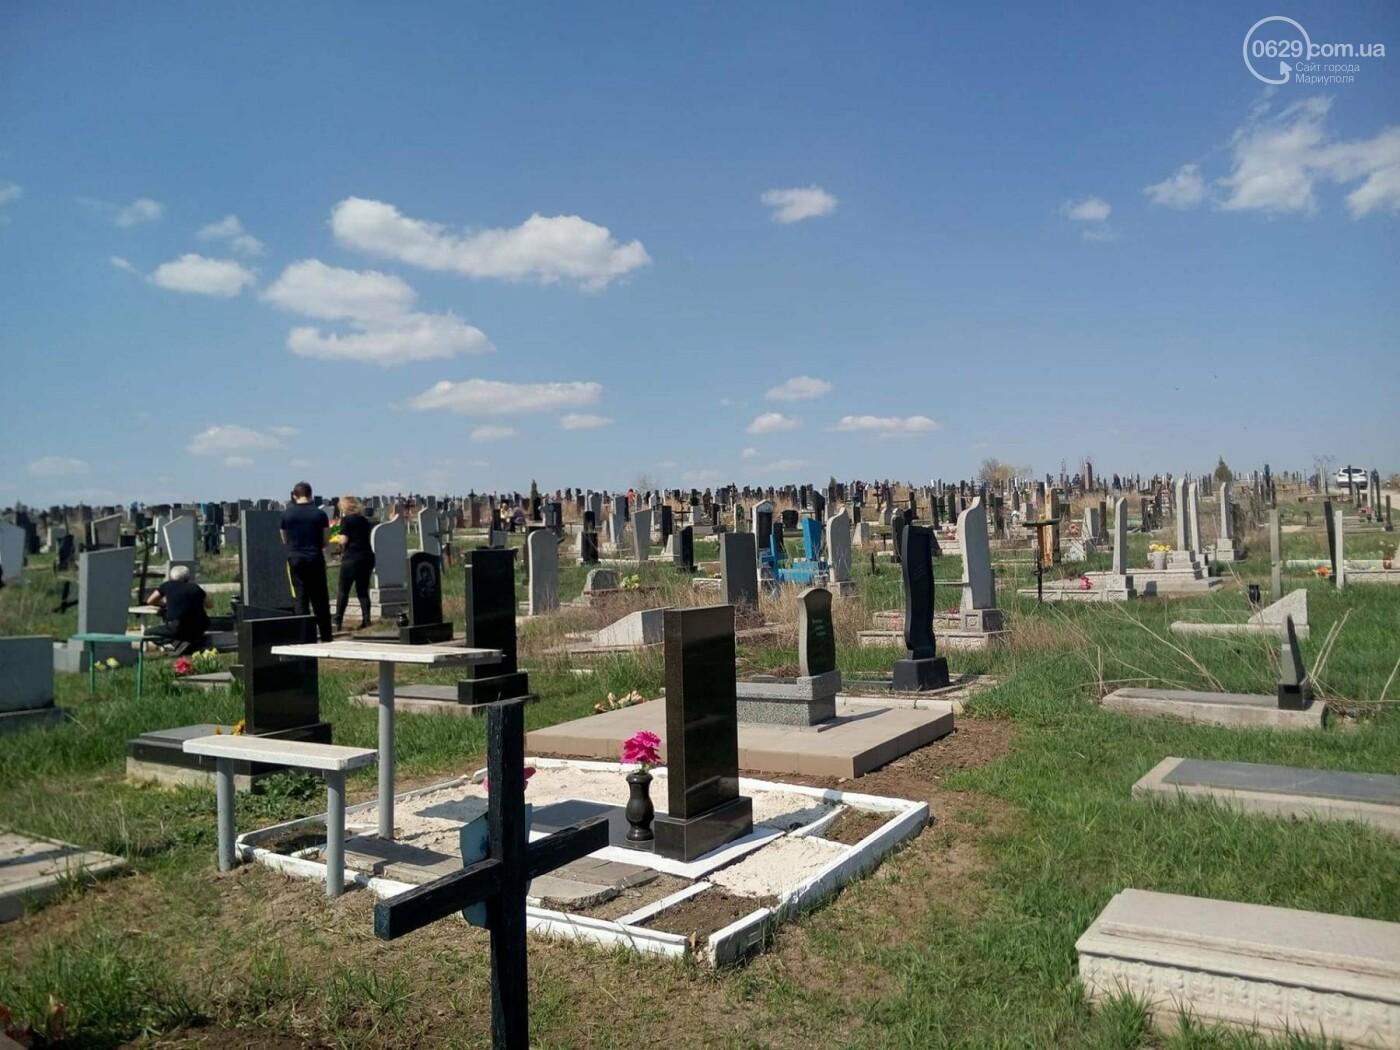 Поминальные дни: мариупольцы массово посетили городские кладбища (ФОТО), фото-3